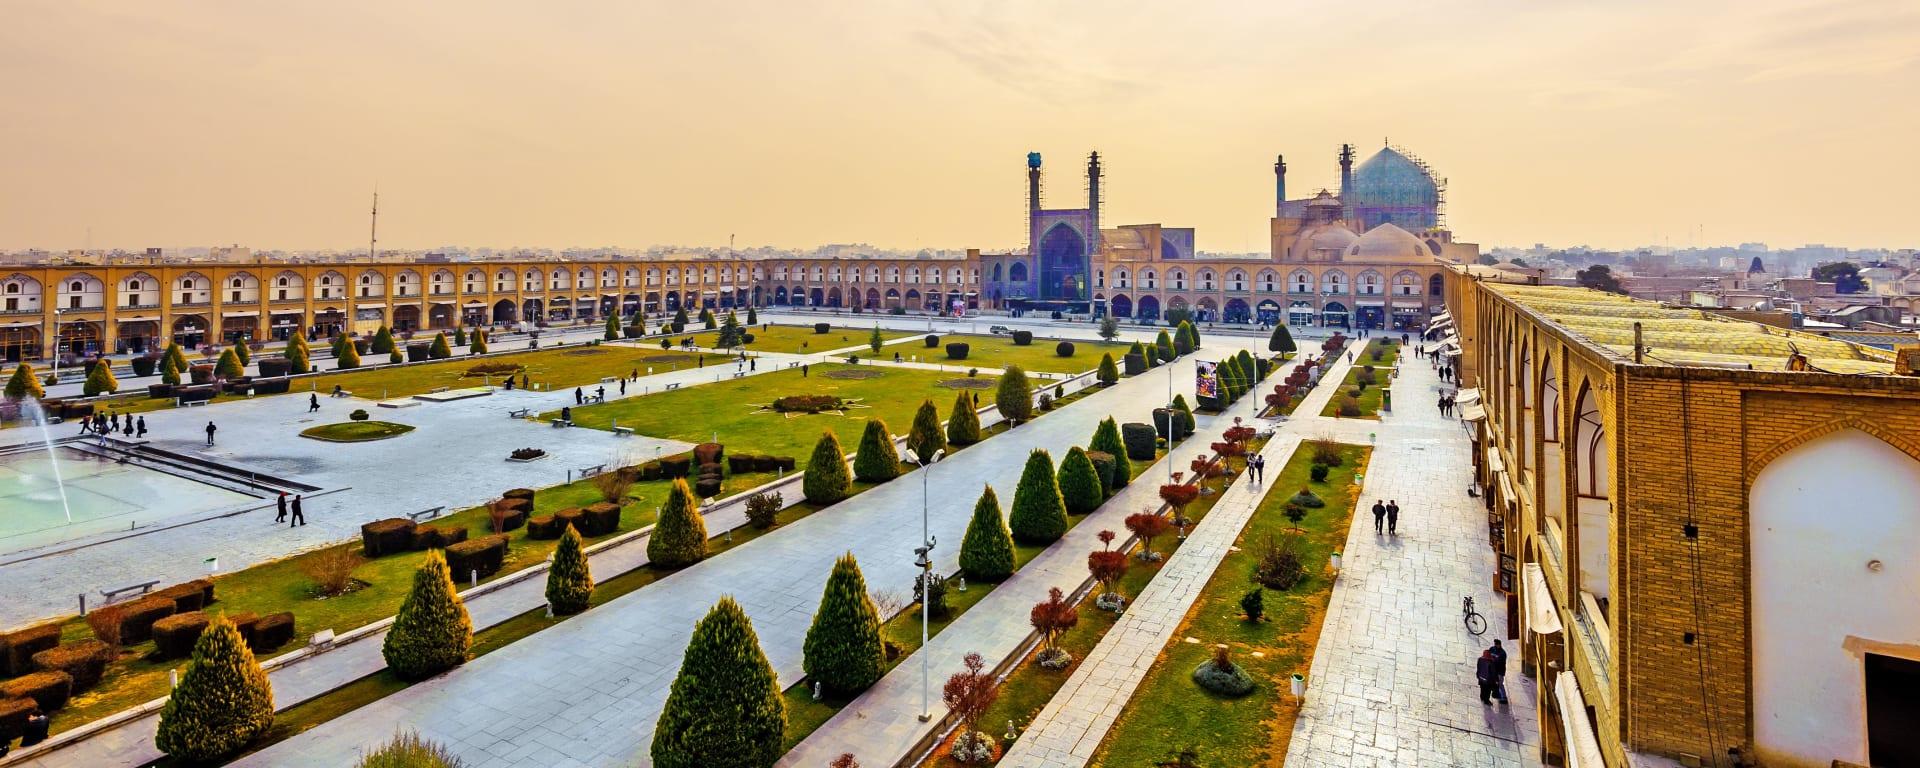 Iran entdecken mit Tischler Reisen: Iran Isfahan Imam Platz